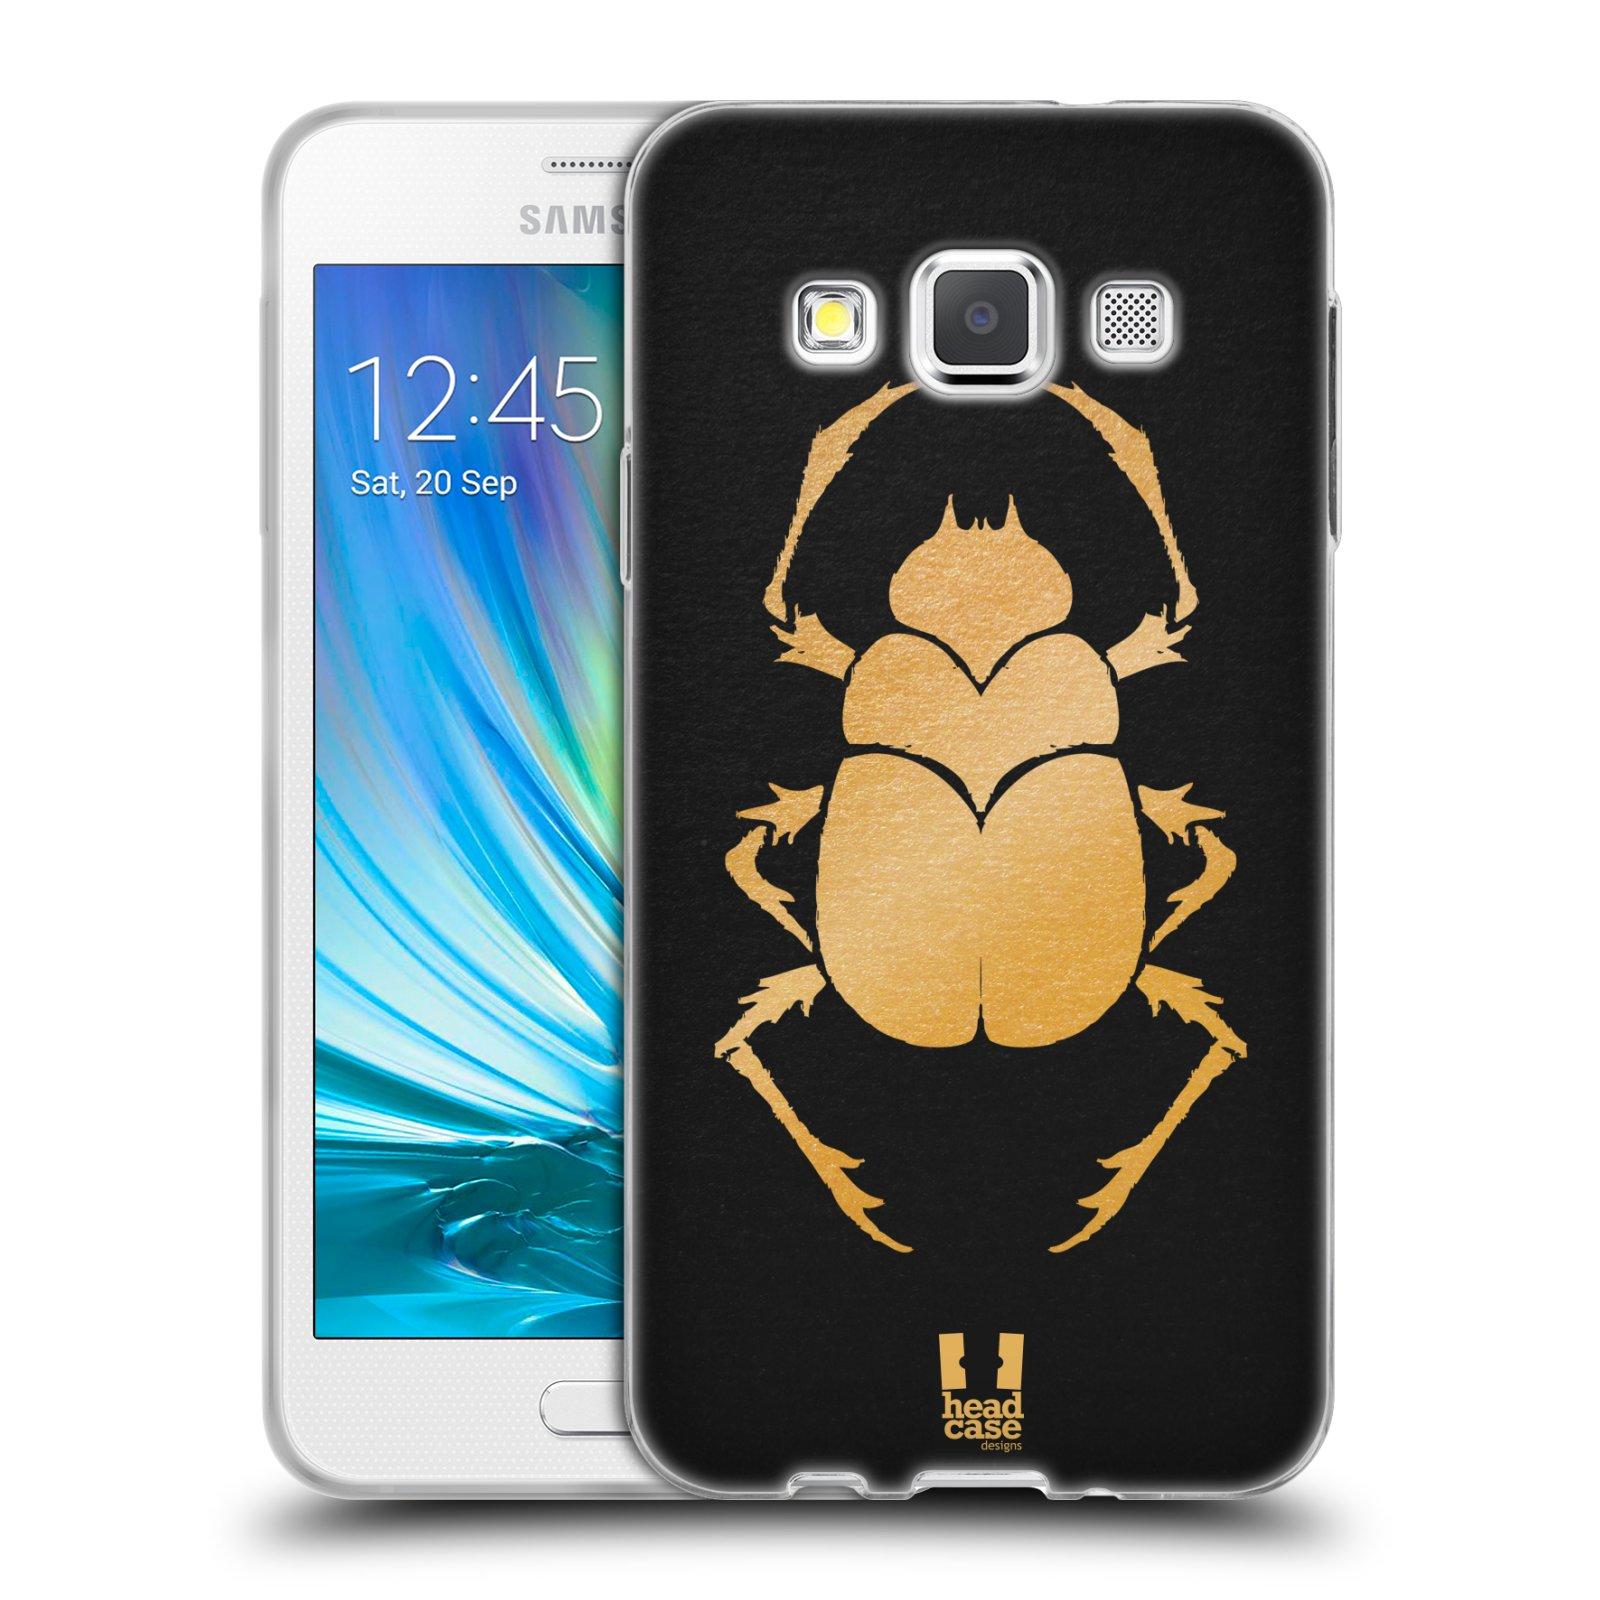 HEAD CASE silikonový obal na mobil Samsung Galaxy A3 vzor EGYPT zlatá a černá BROUK SKARAB